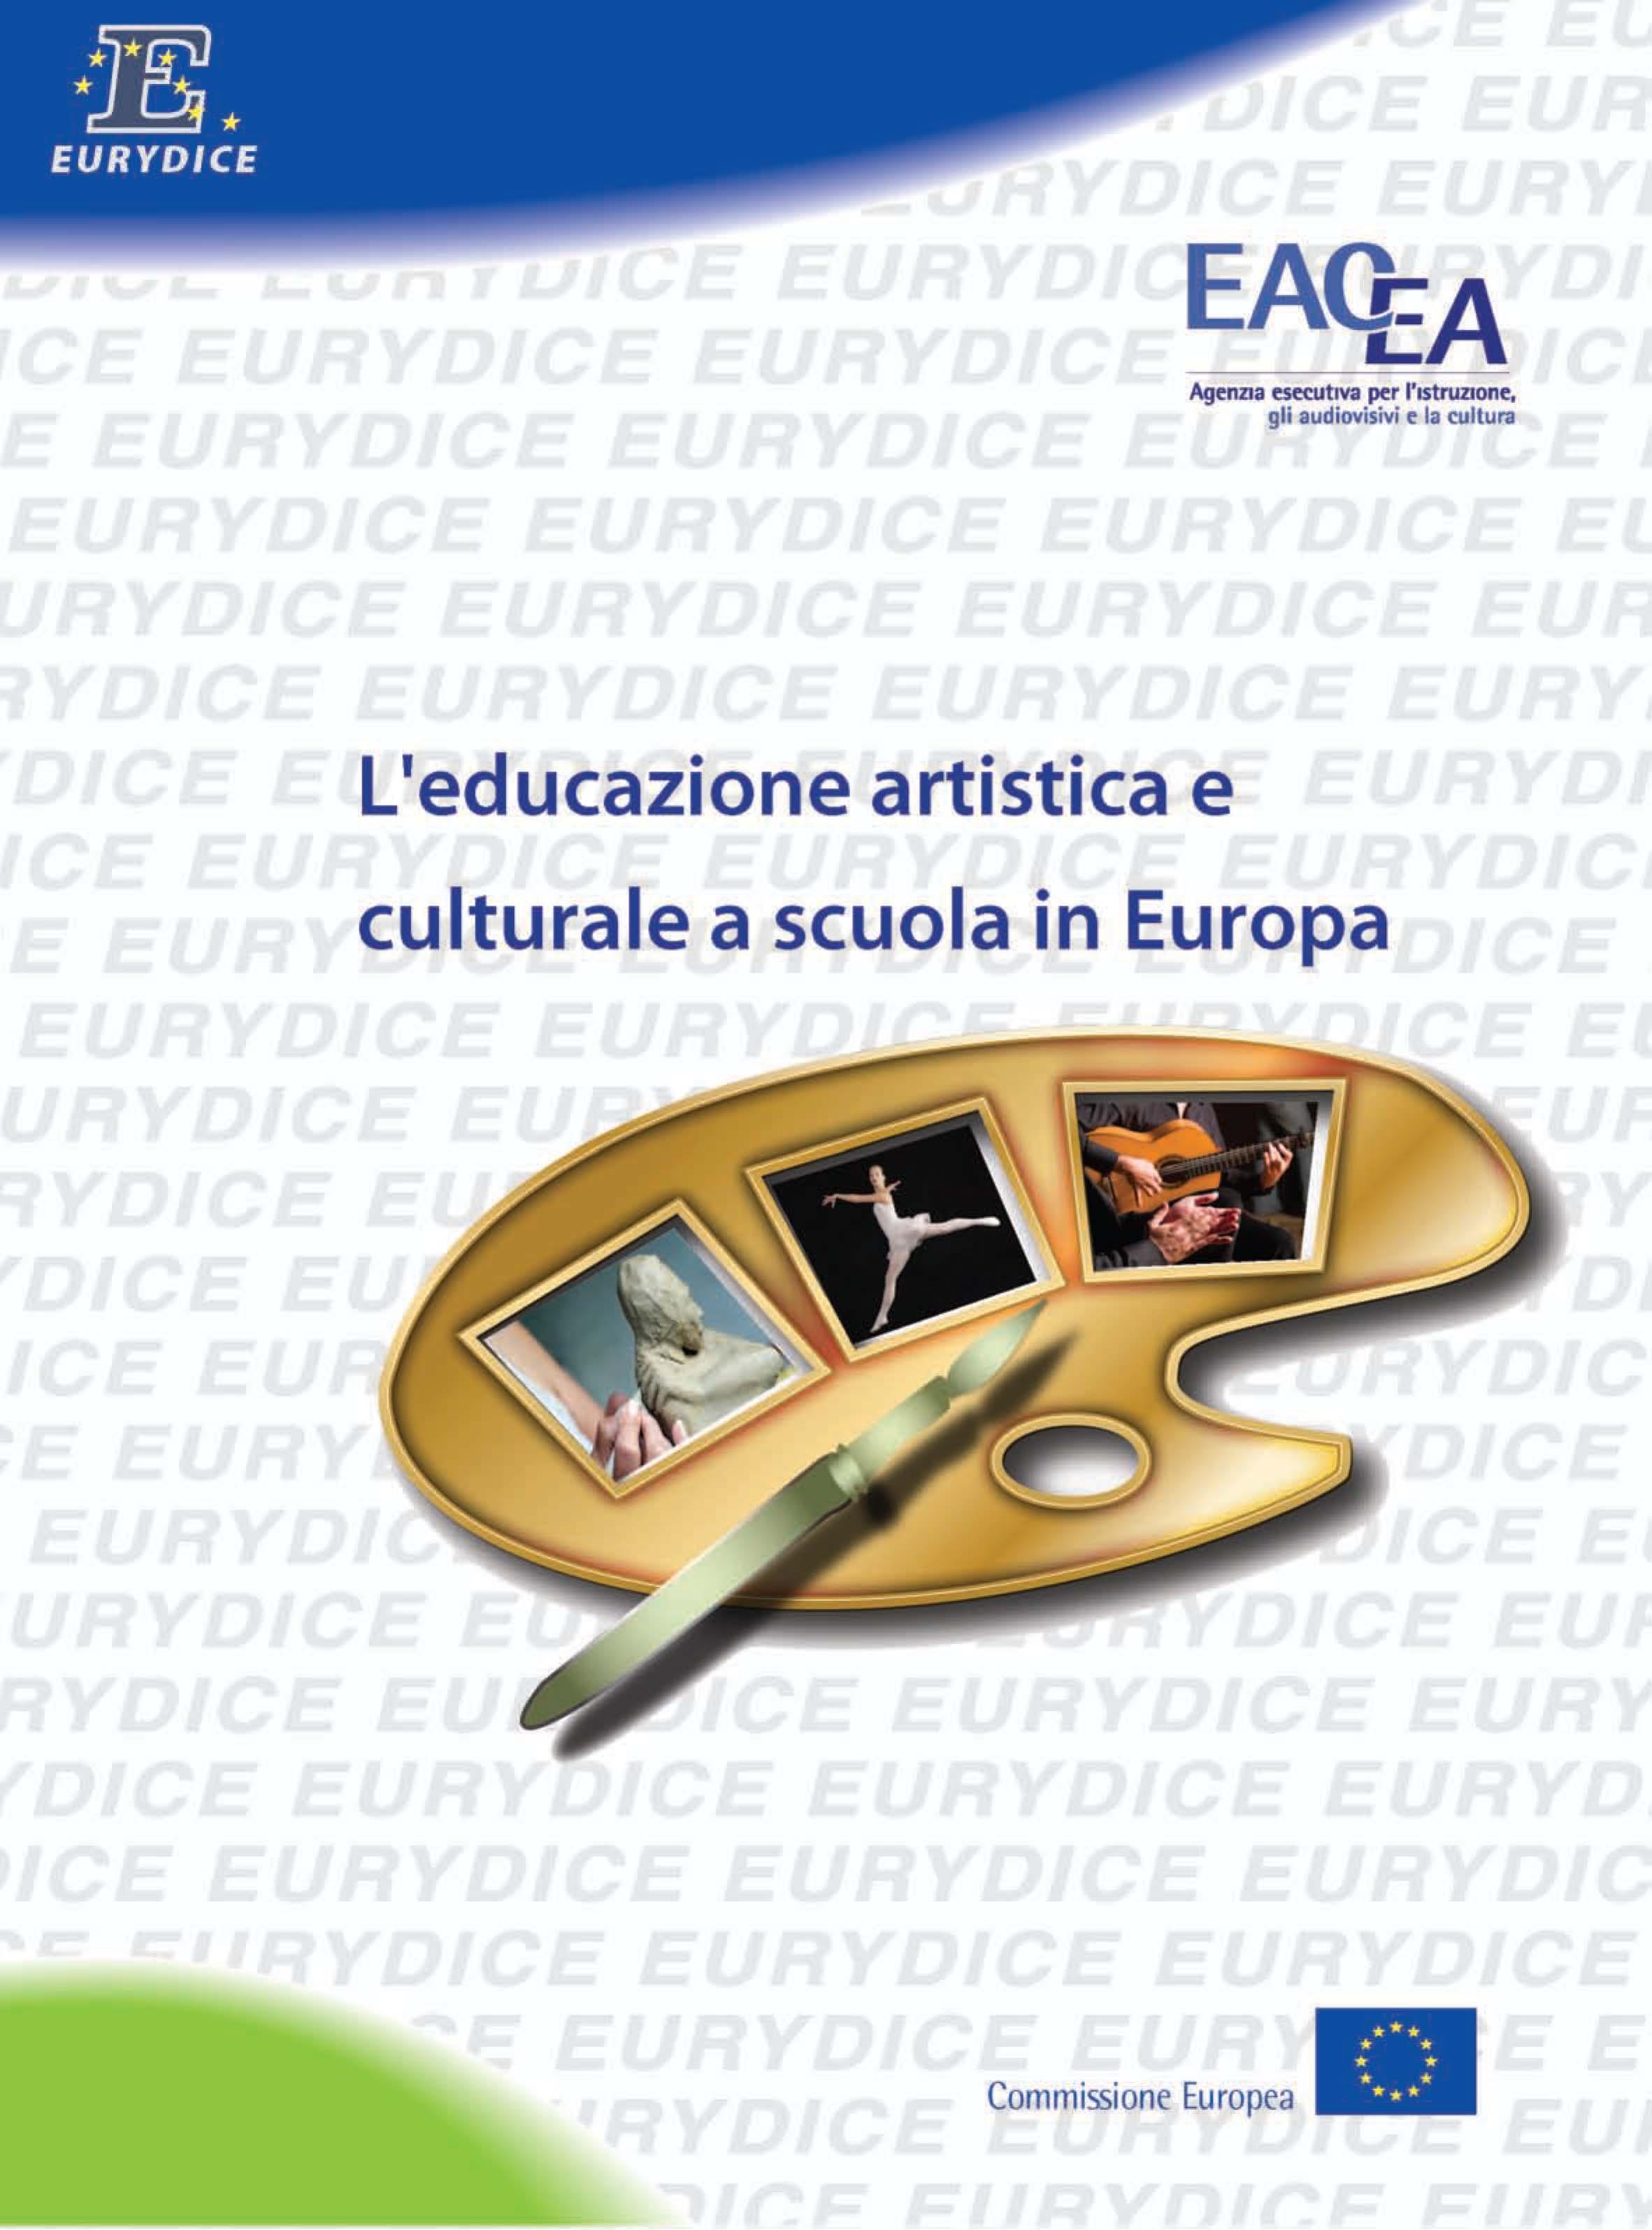 L'educazione artistica e culturale a scuola in Europa